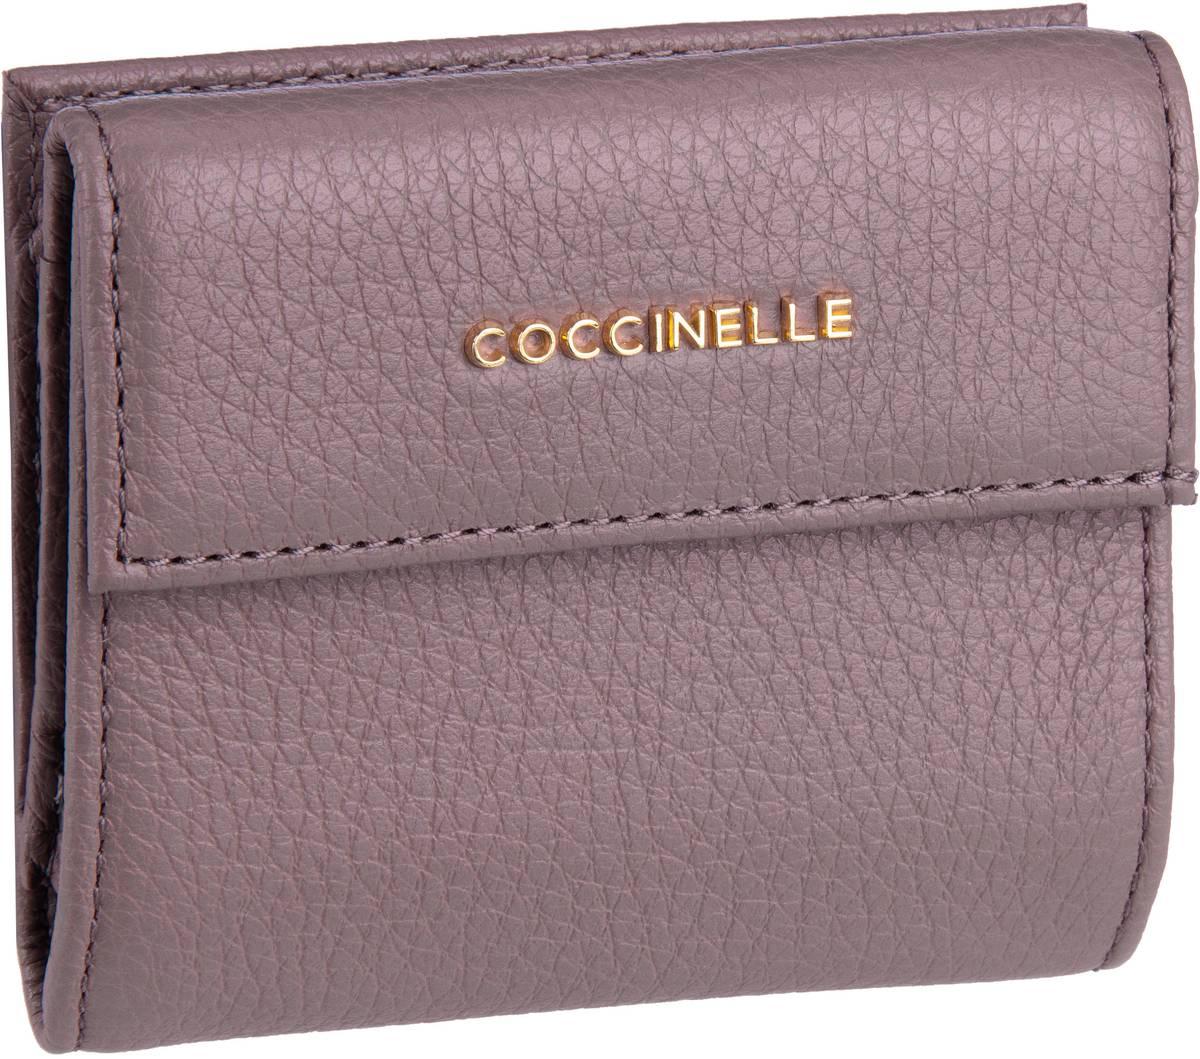 Coccinelle Geldbörse Metallic Soft 1187 Dark Pivione